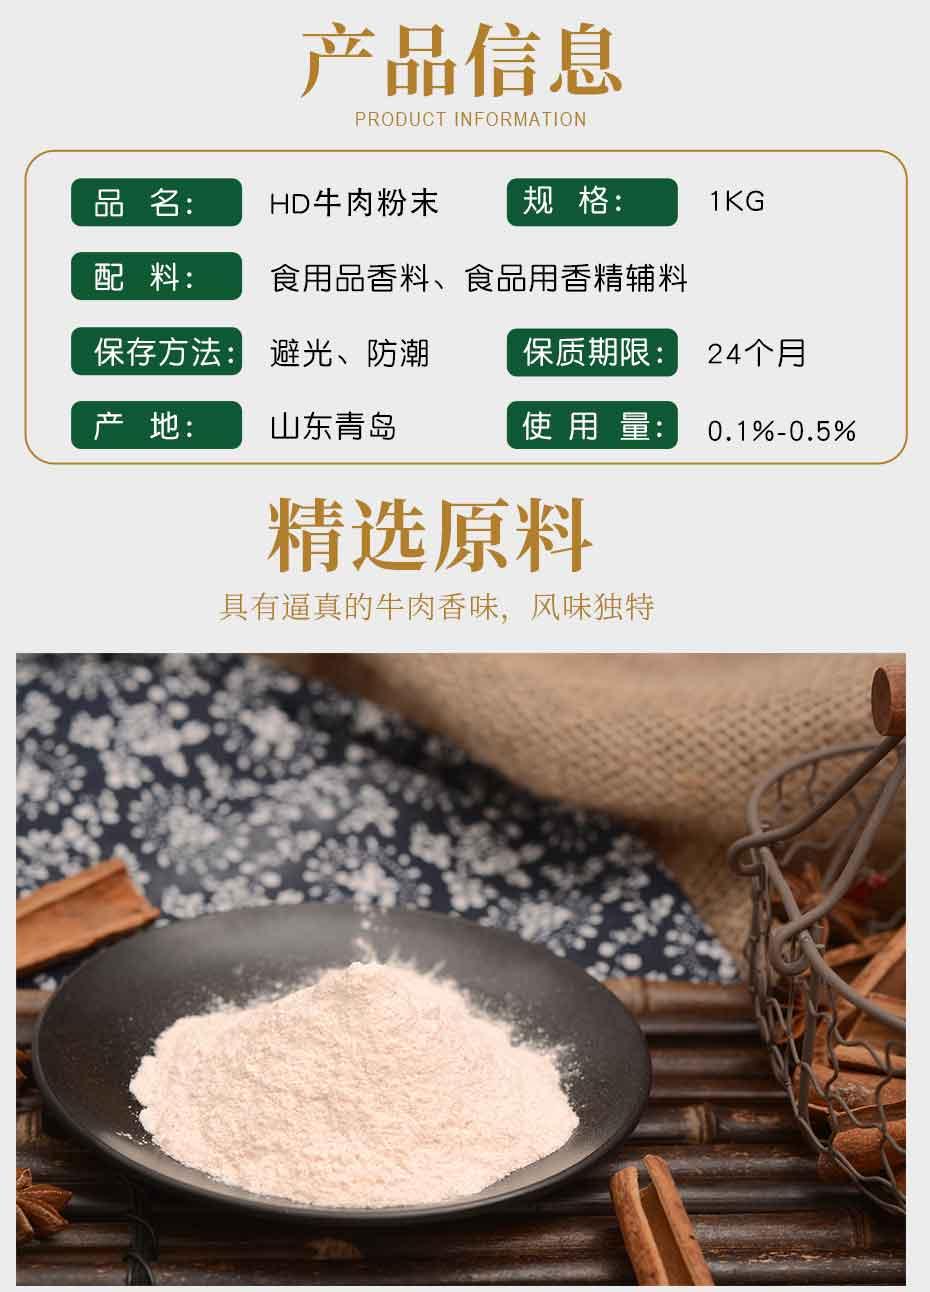 HD牛肉粉末食品用香精